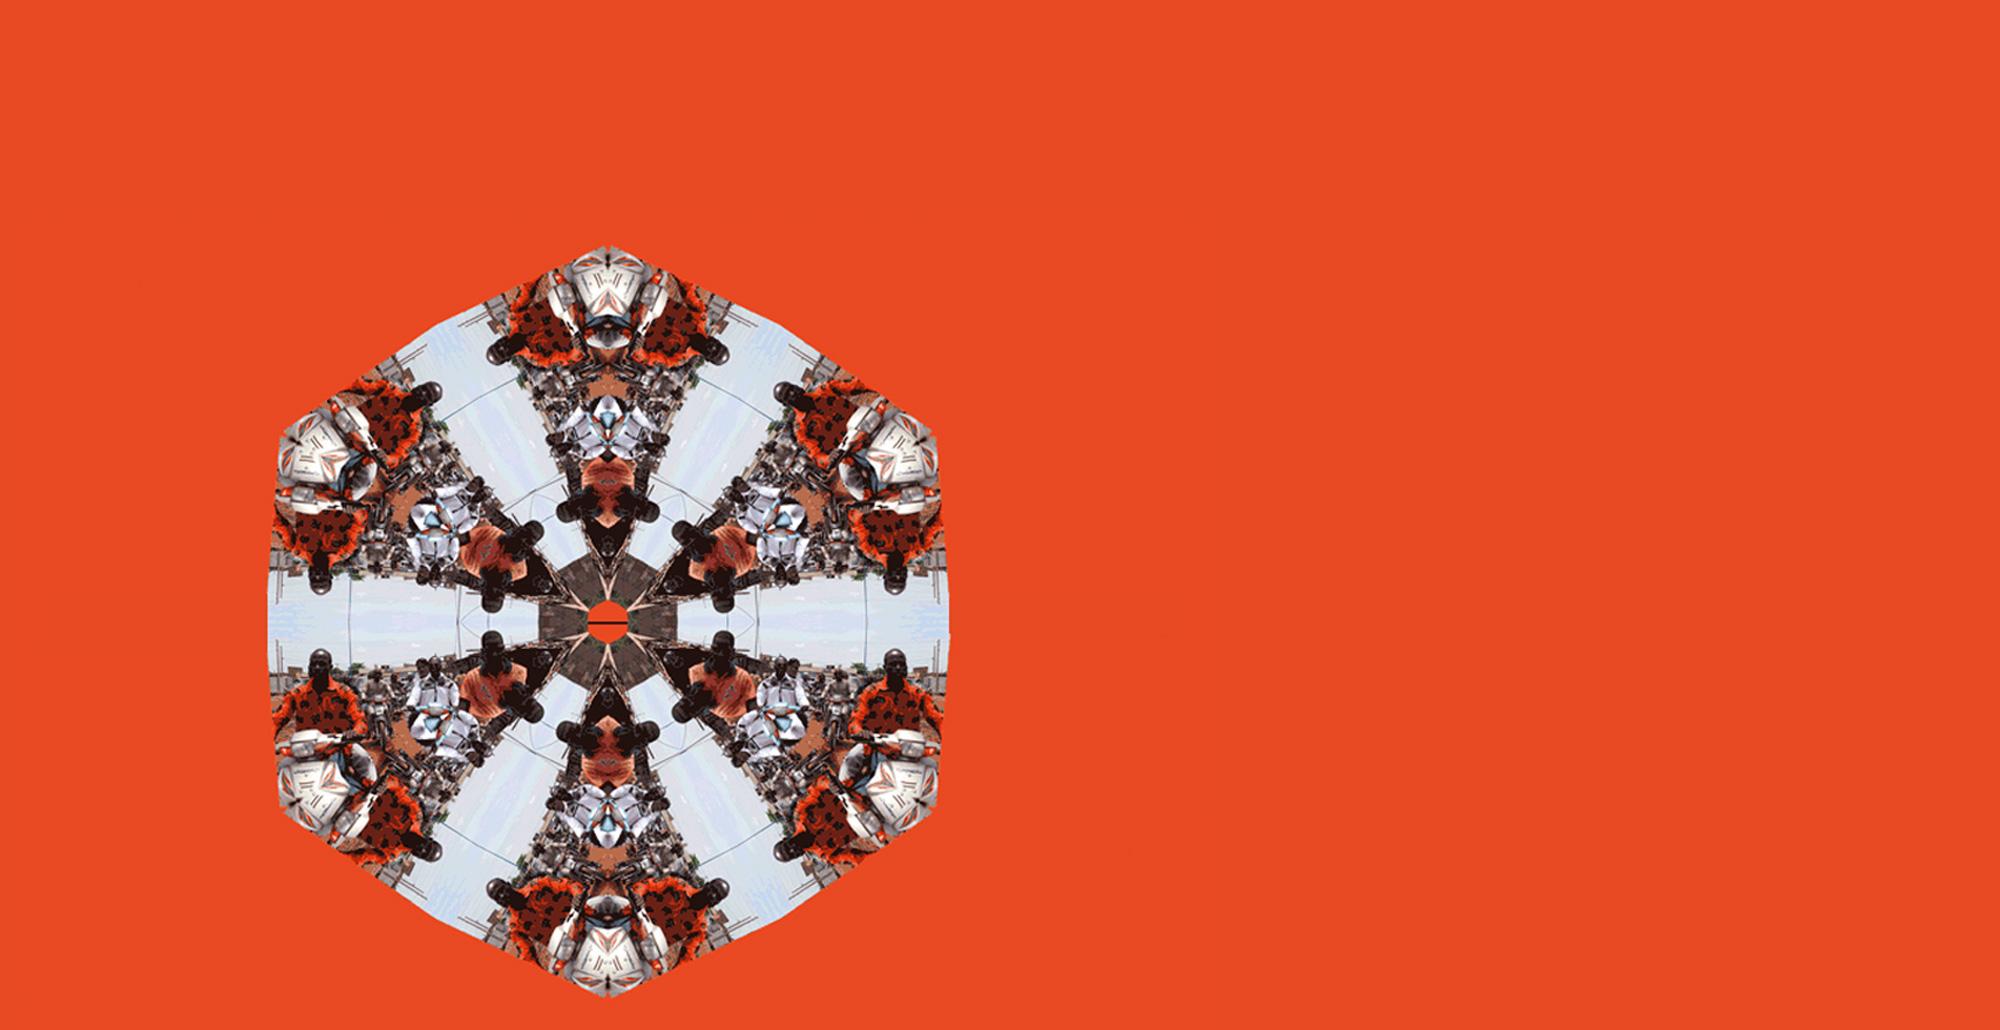 Sfondo arancione con caleidoscopio in primo piano a sinistra